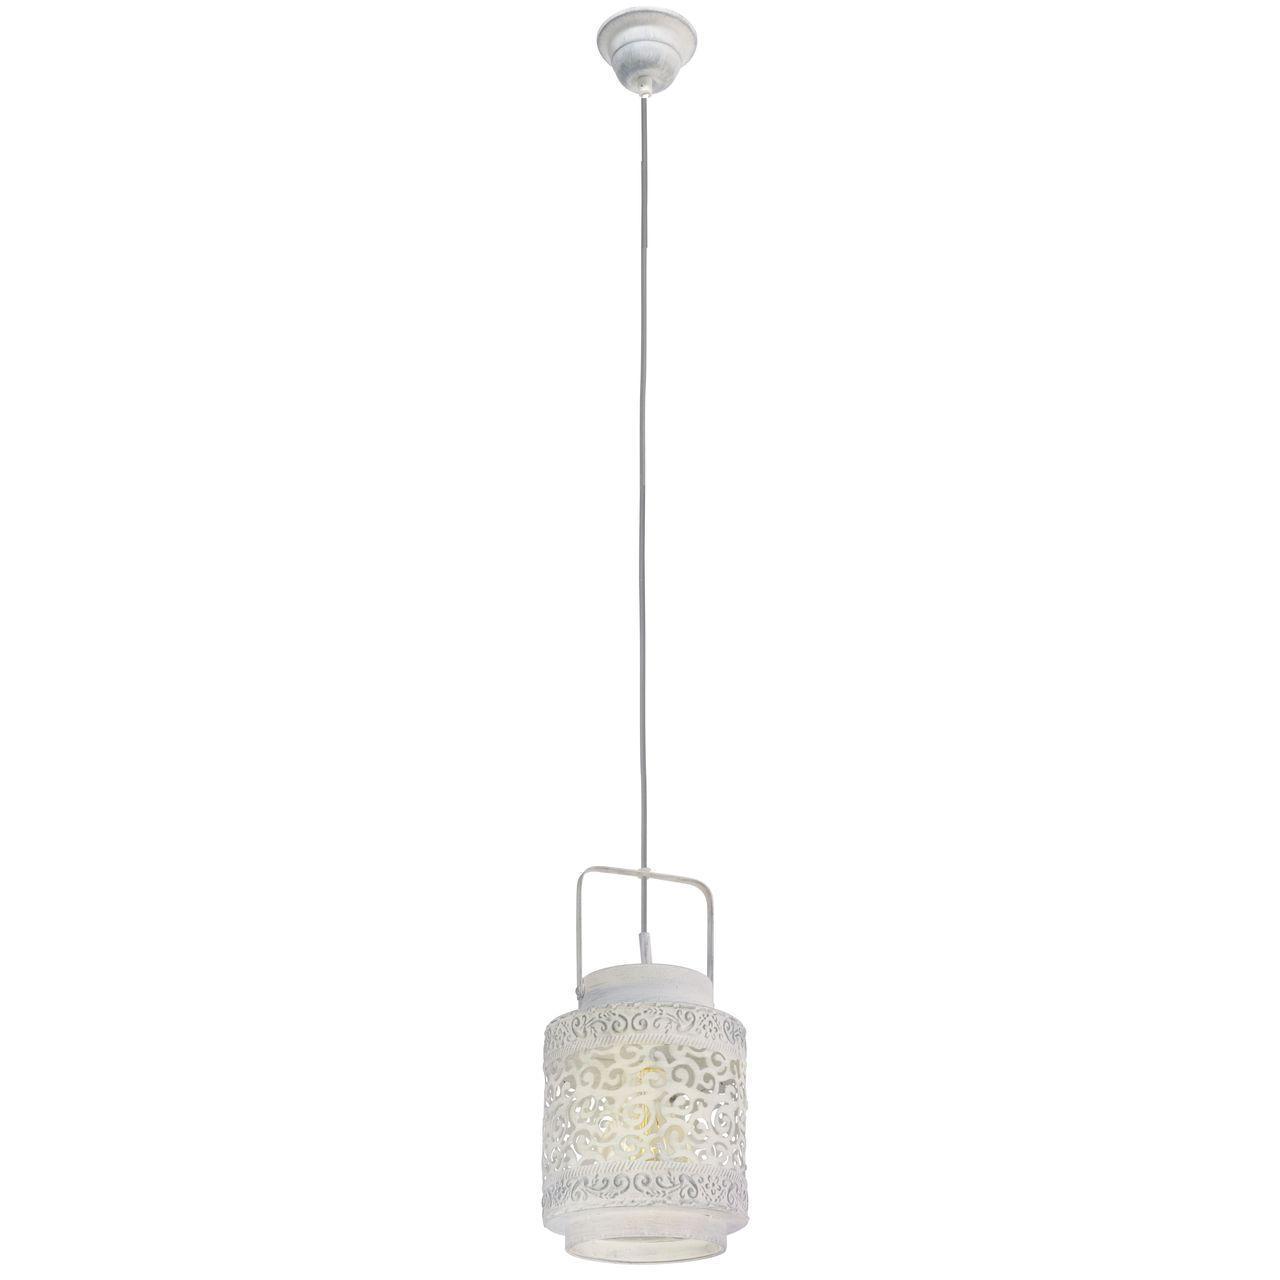 Подвесной светильник Eglo Vintage 49205 подвесной светильник eglo vintage 49205